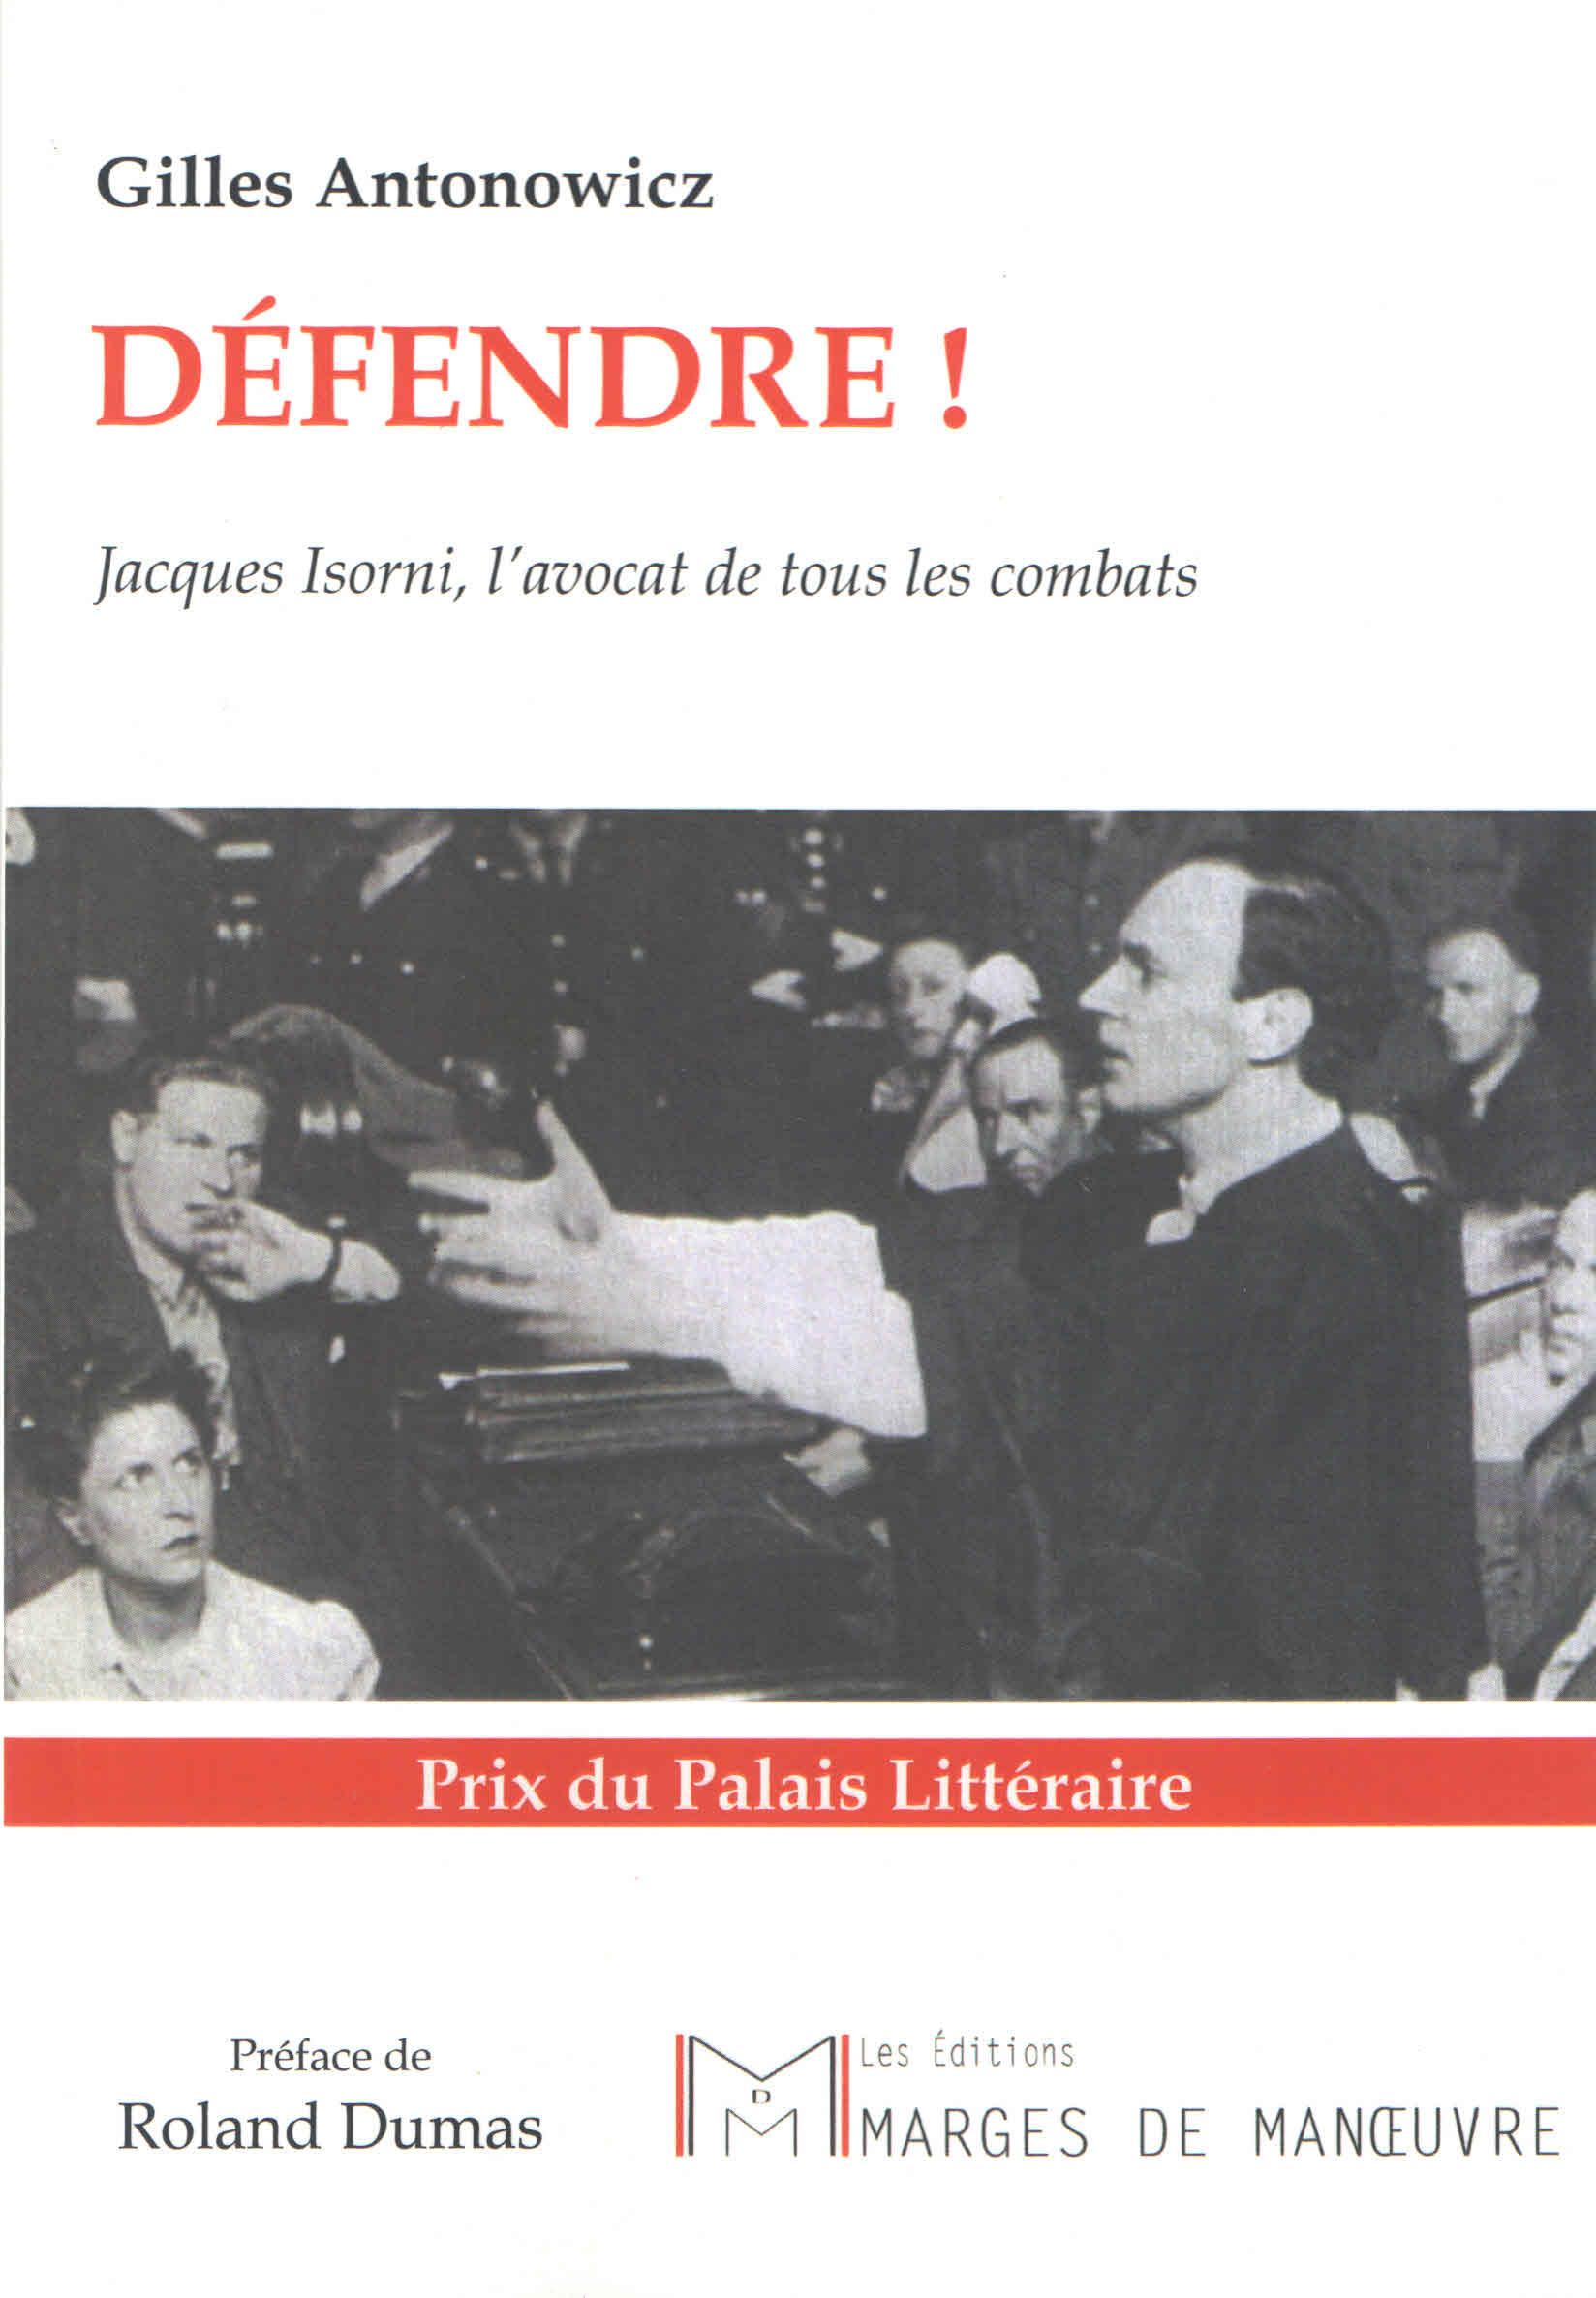 couverture-défendre-antonowicz